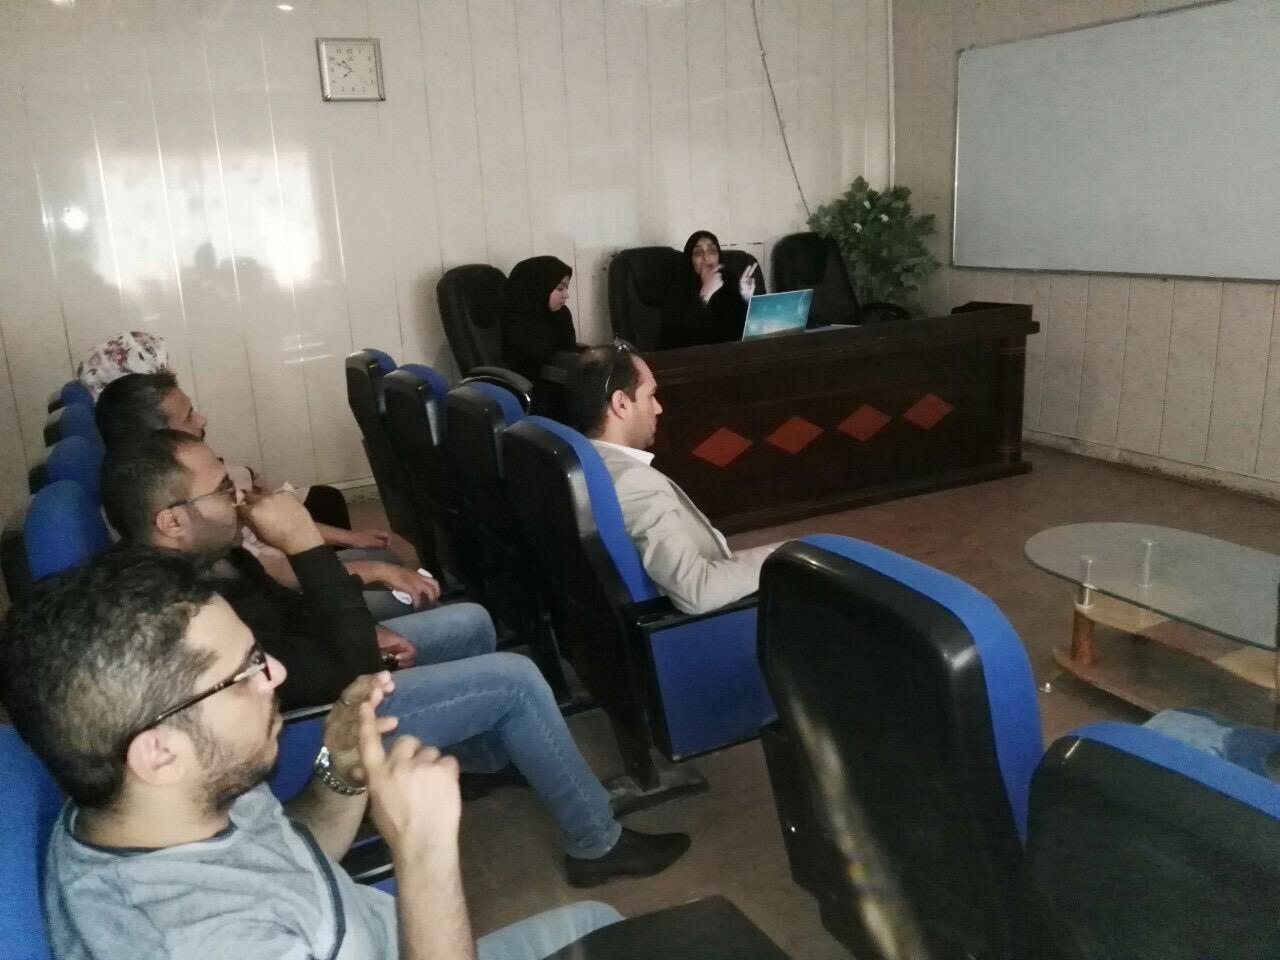 أقام قسم الوسائط المتعددة في كلية علوم الحاسوب وتكنولوجيا المعلومات ورشة عمل حول (الية عمل نظام المقررات)